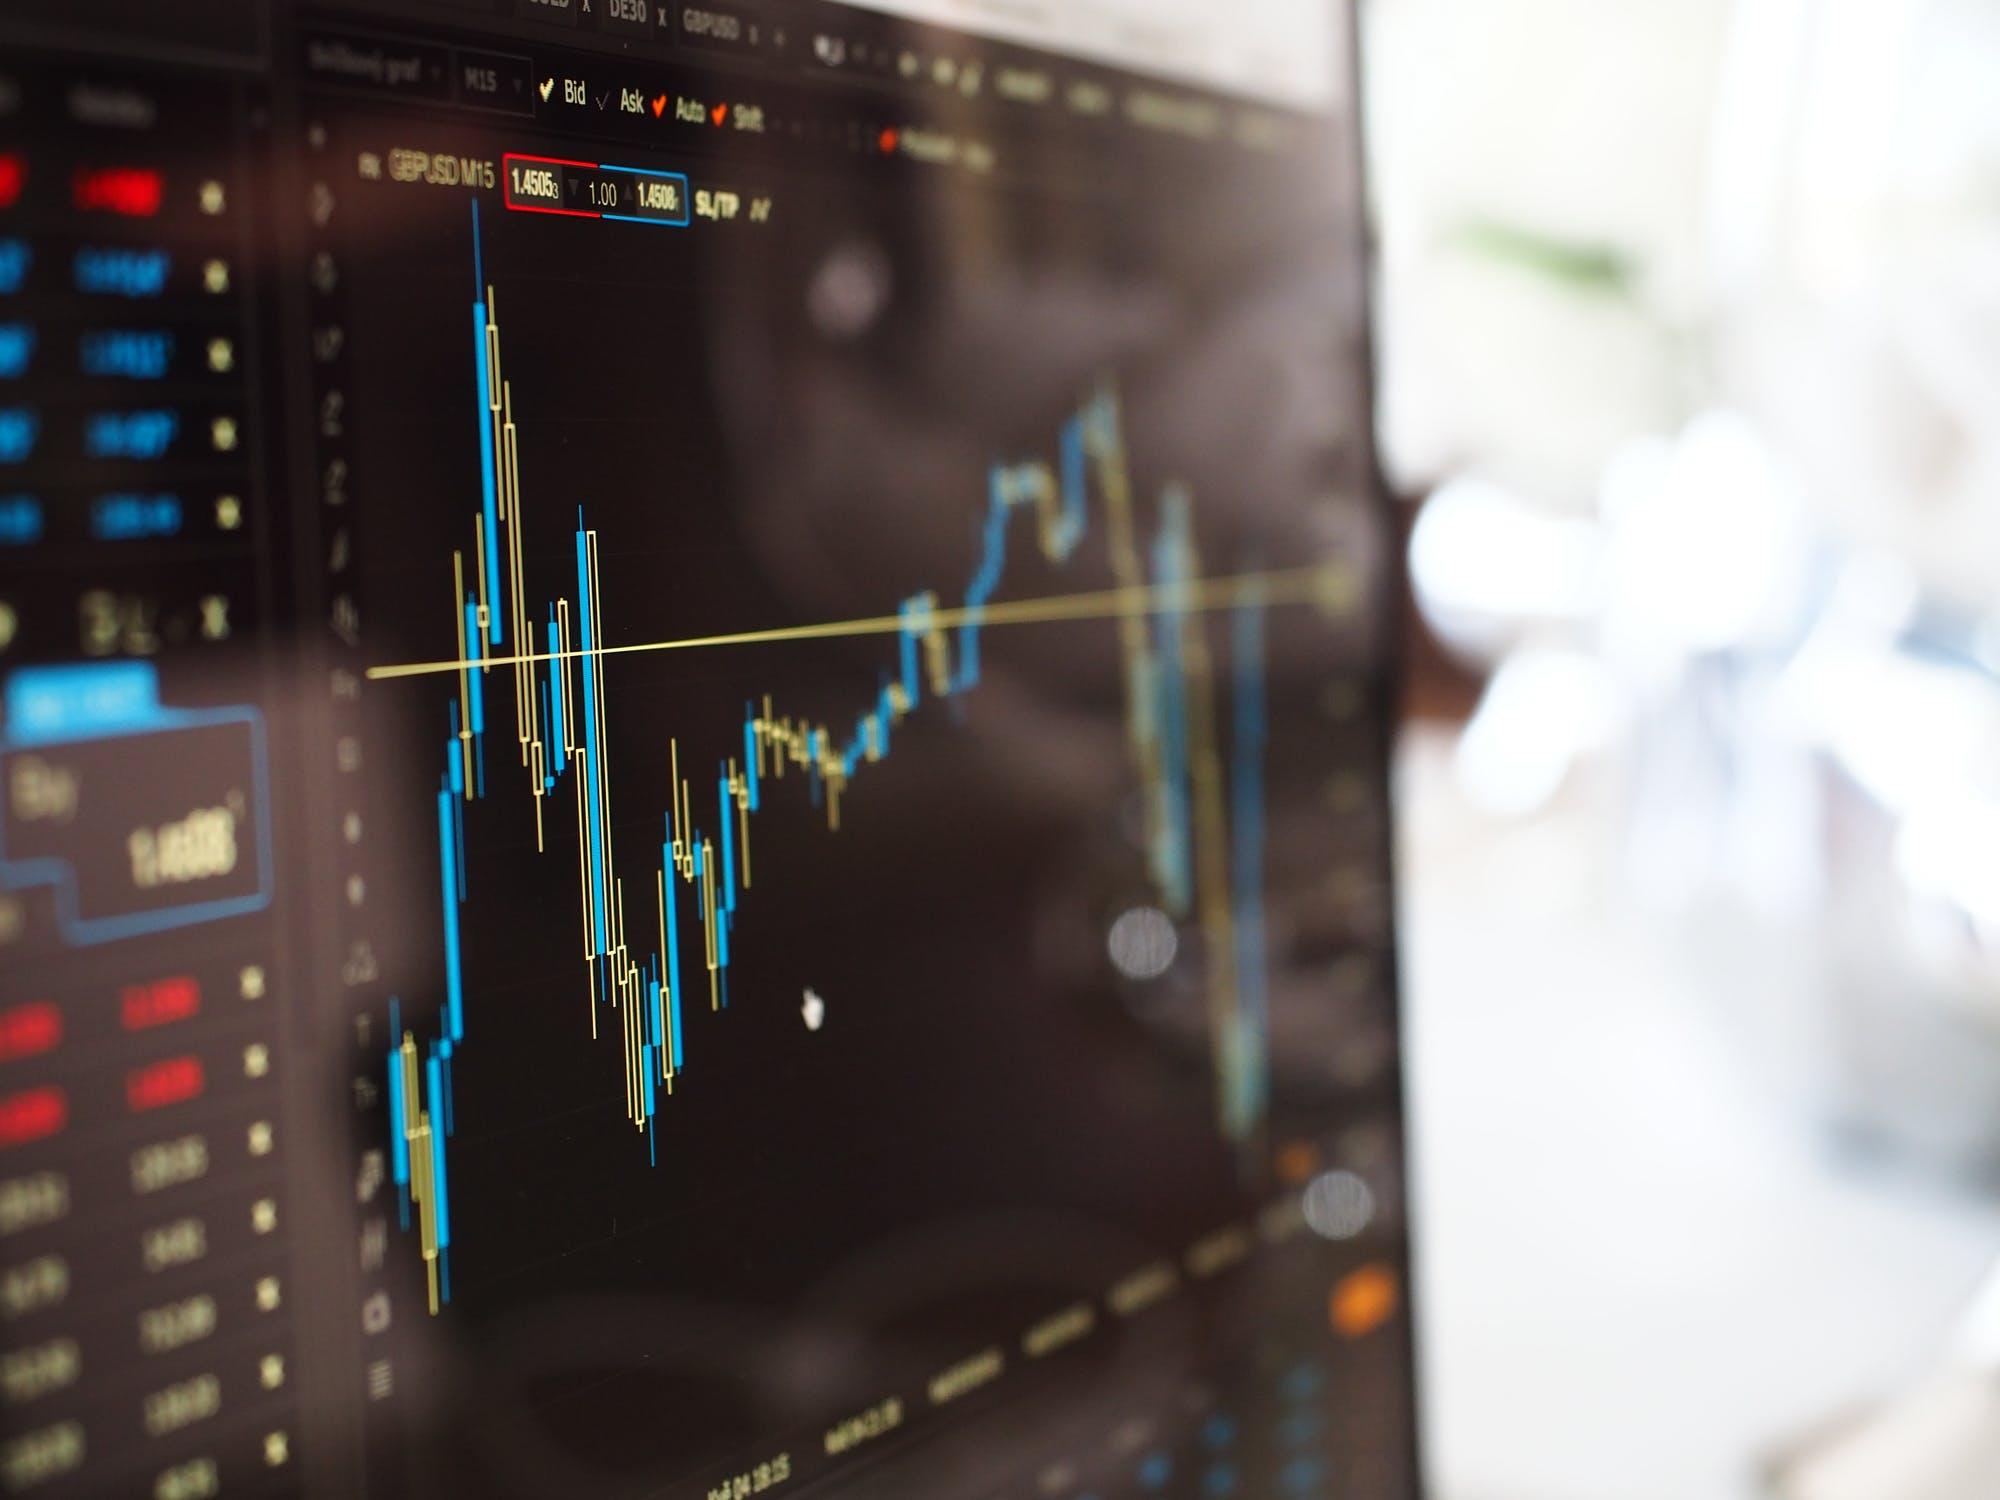 Les documentaires sur le monde du trading et de la finance